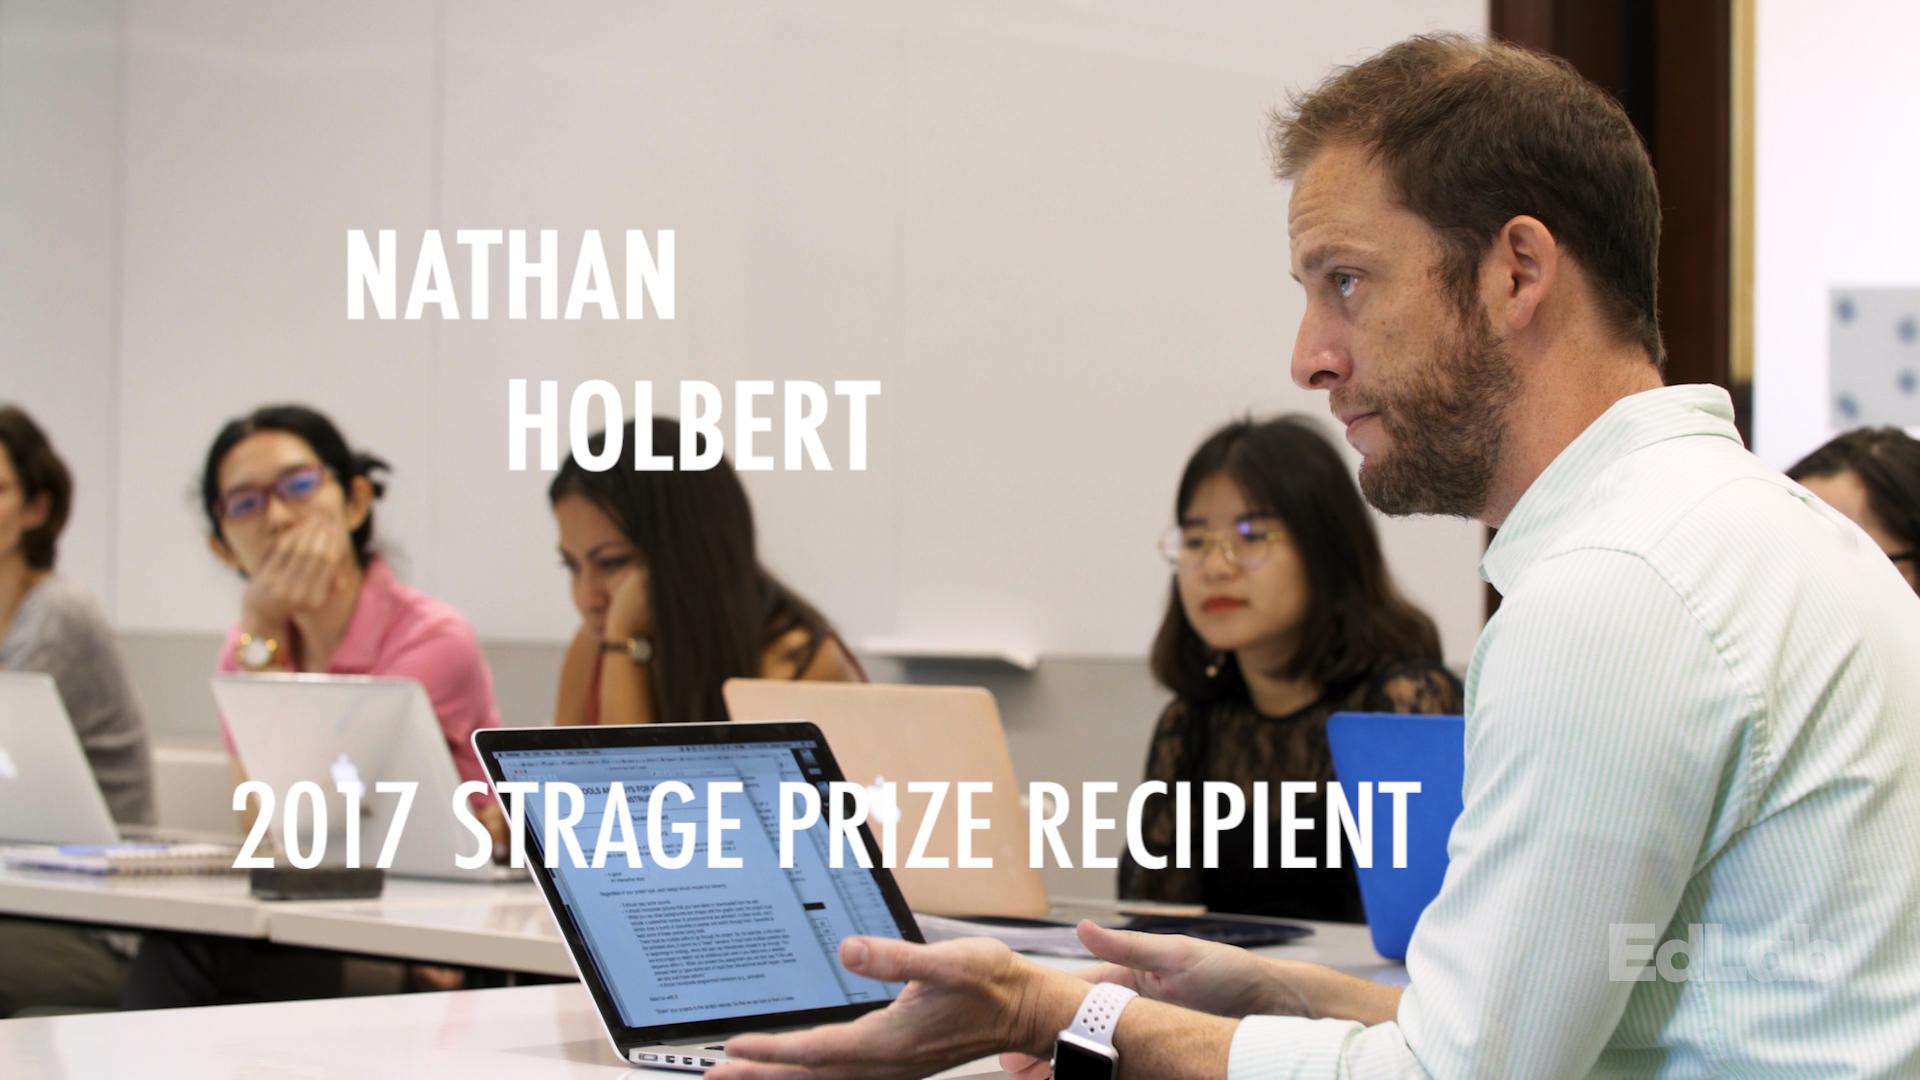 Strage Prize